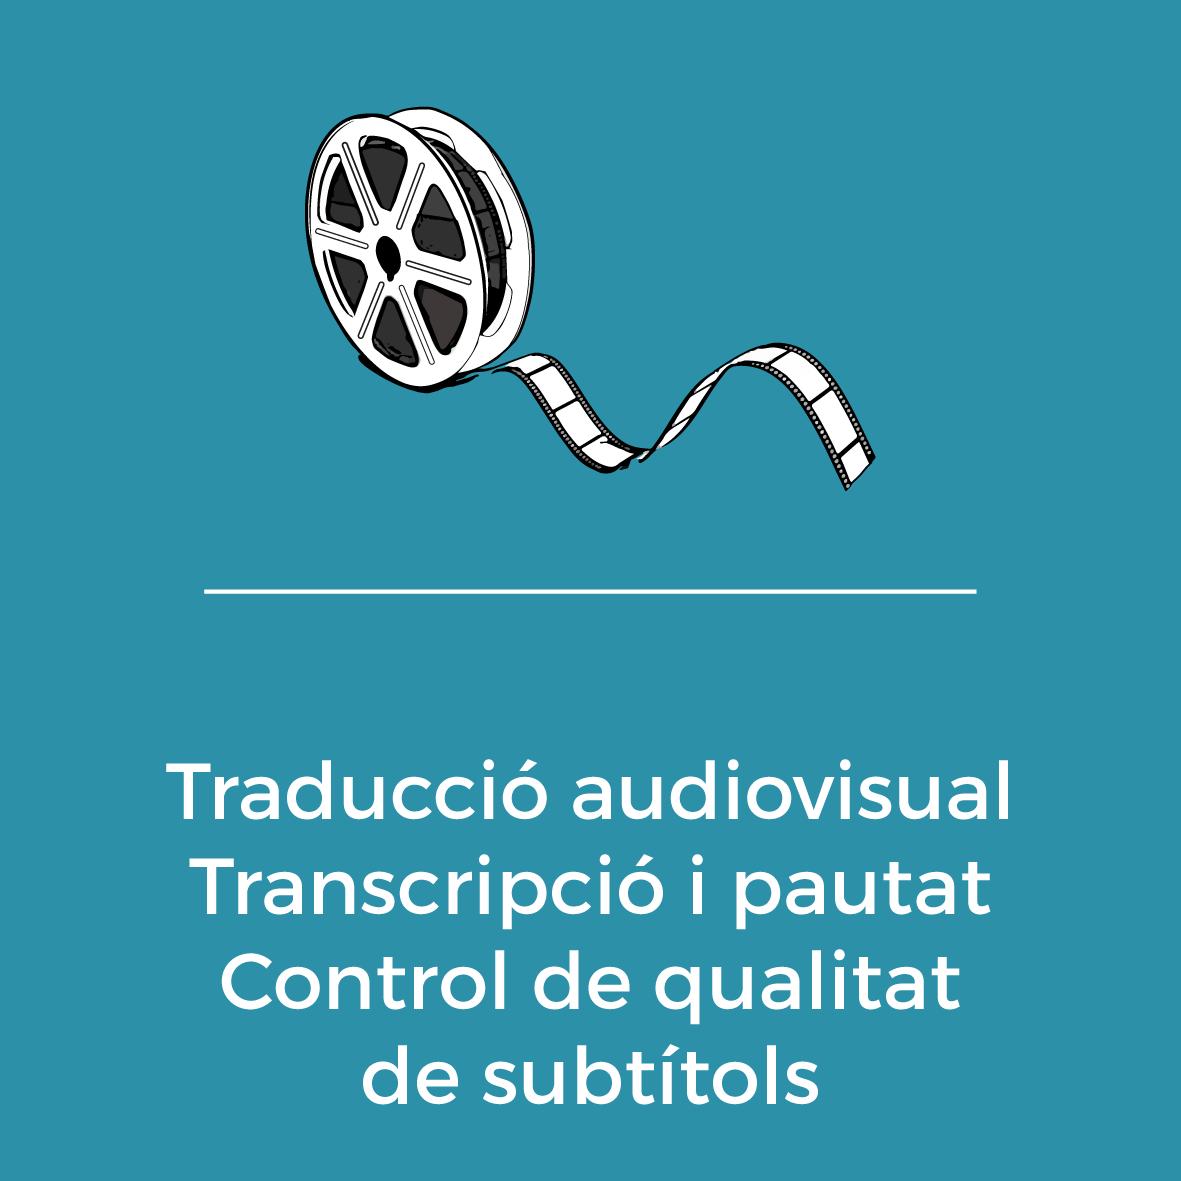 Serveis - Traducció audiovisual - Transcripció i pautat - Control de qualitat de subtitols